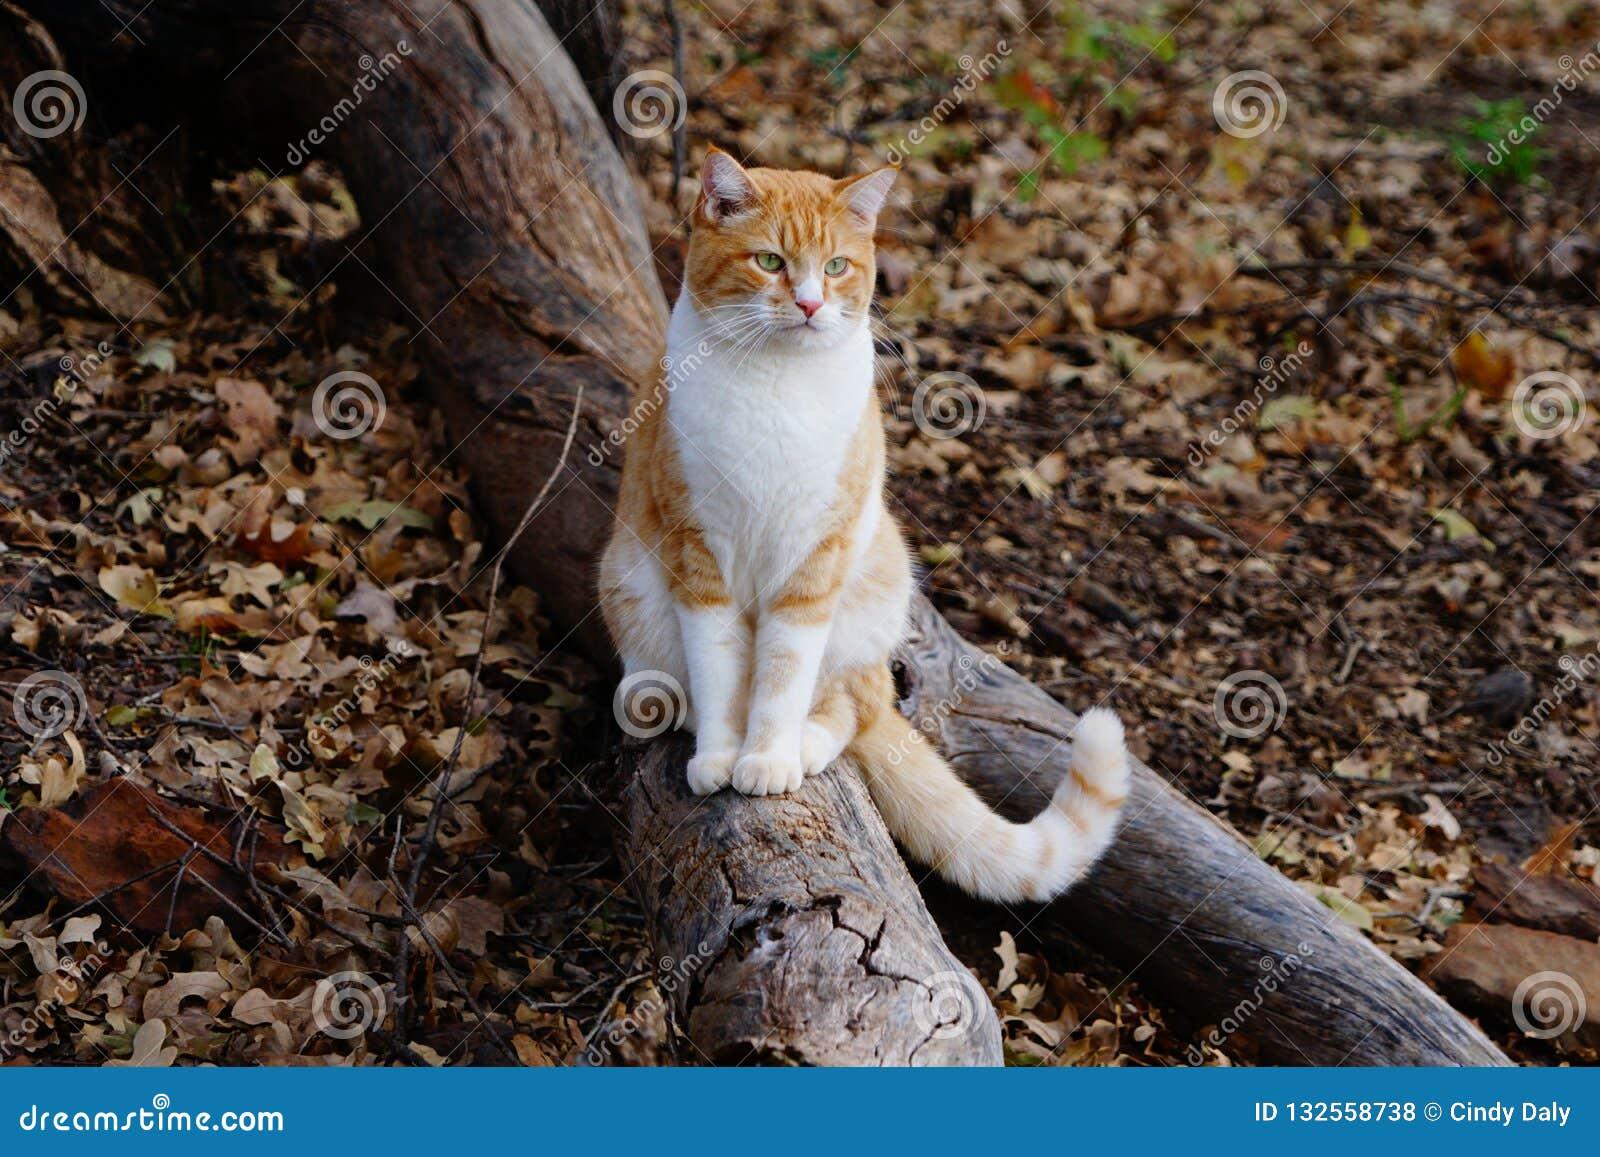 Μια φωτογραφία μιας κίτρινης τιγρέ γάτας